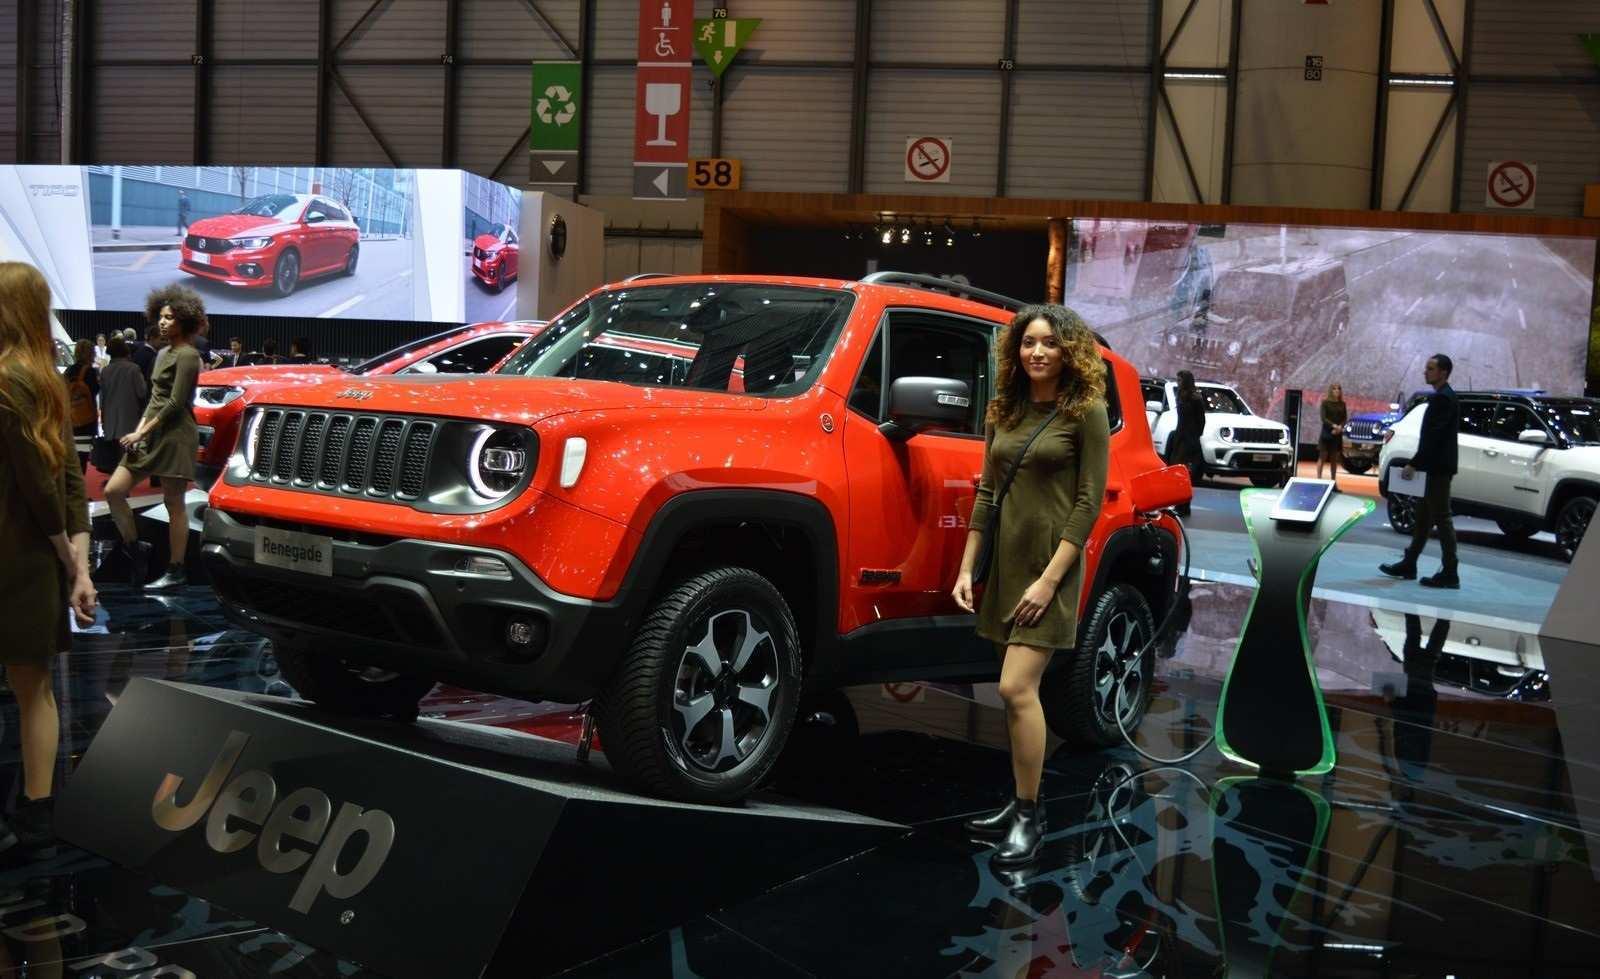 13 New Jeep Nuovi Modelli 2020 Engine with Jeep Nuovi Modelli 2020